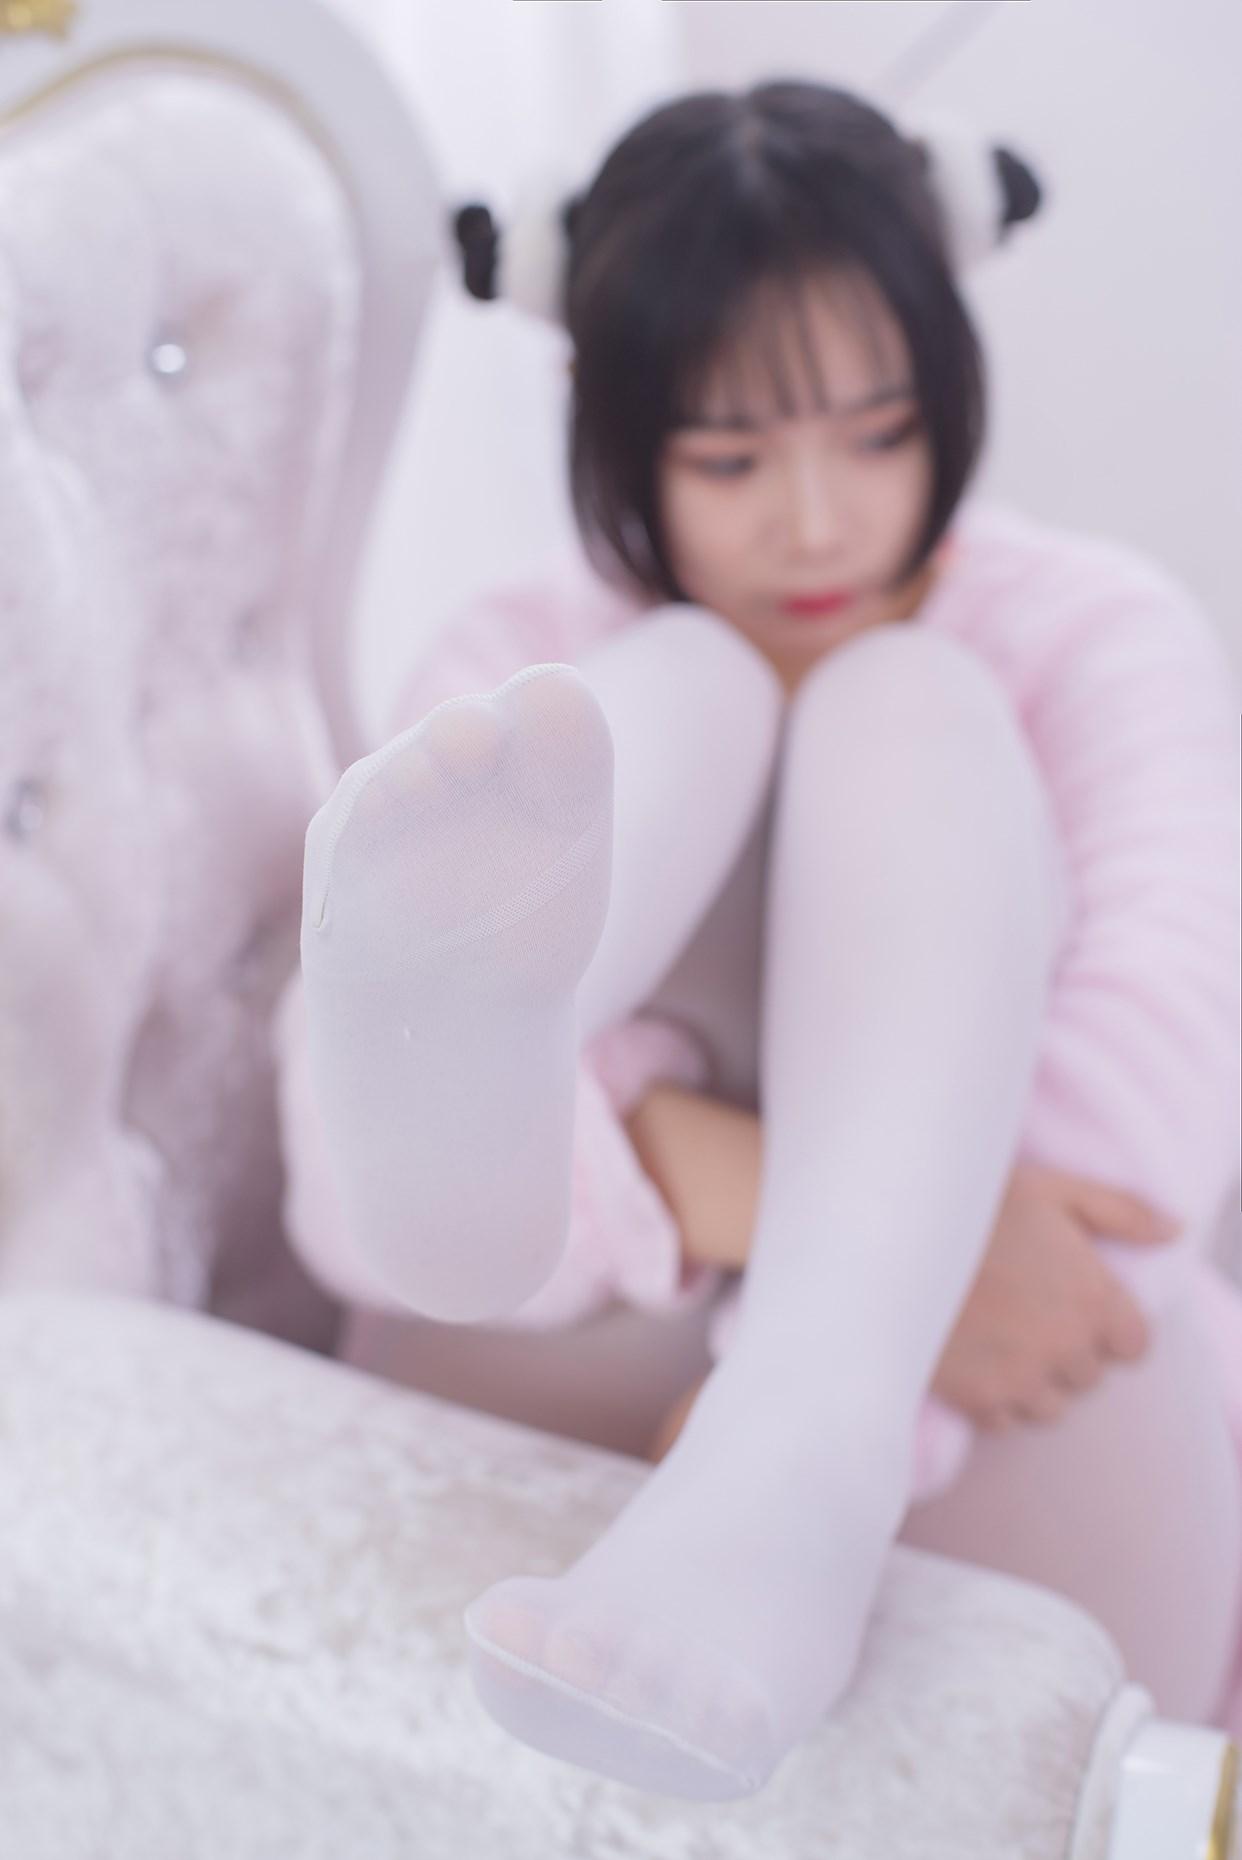 【兔玩映画】一个白丝小朋友 兔玩映画 第4张